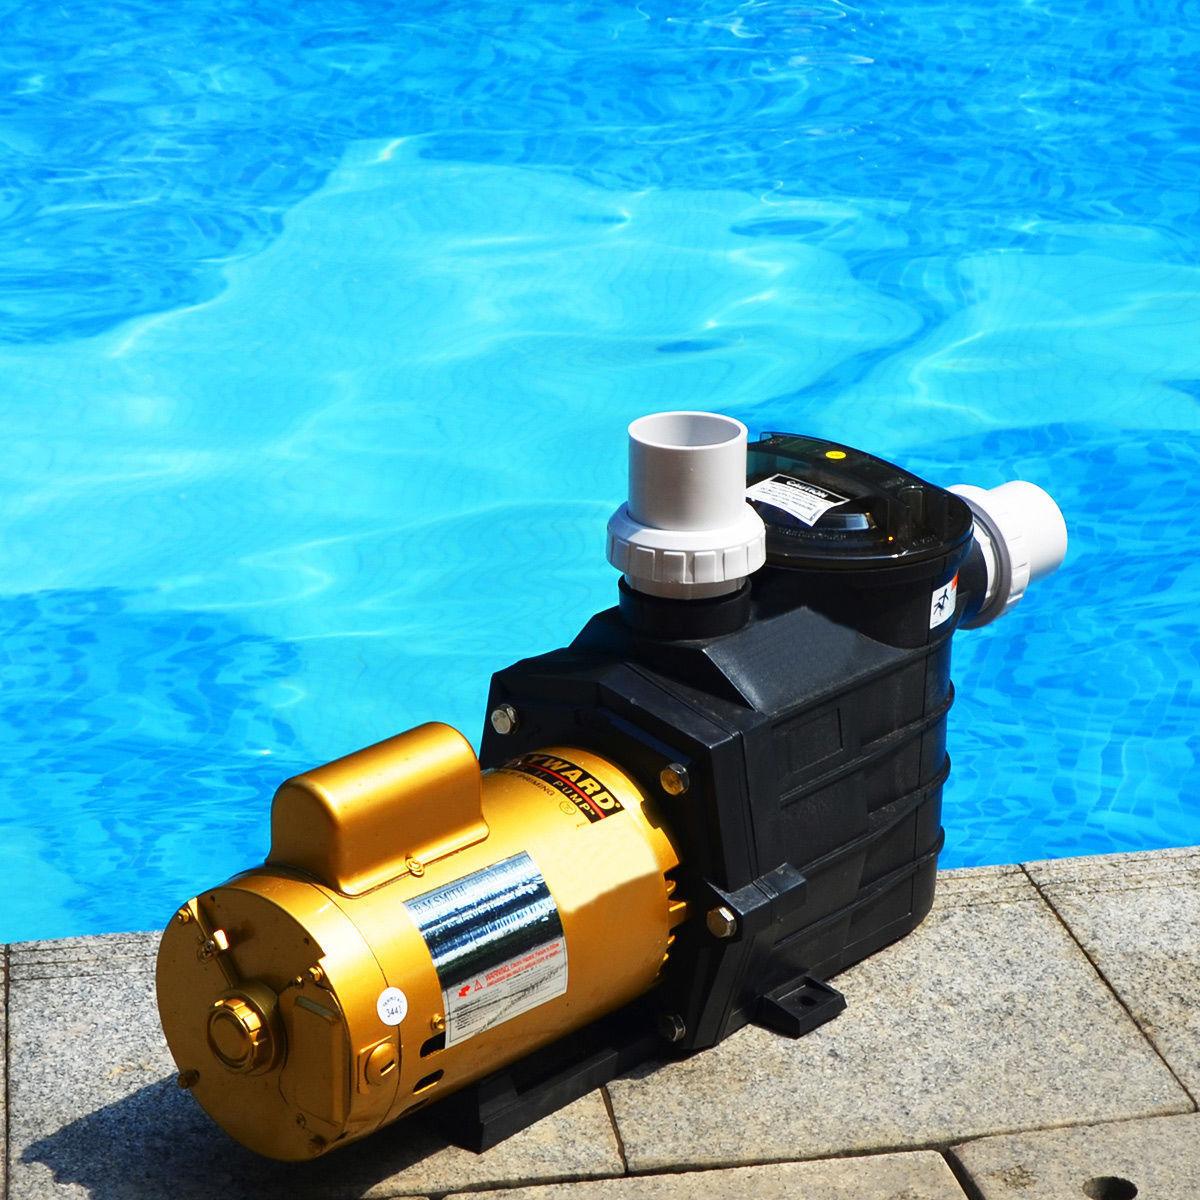 Насос для бассейна: тепловые и дренажные насосы для воды, их ремонт и установка, kripsol и другие бренды. где находится в бассейне?